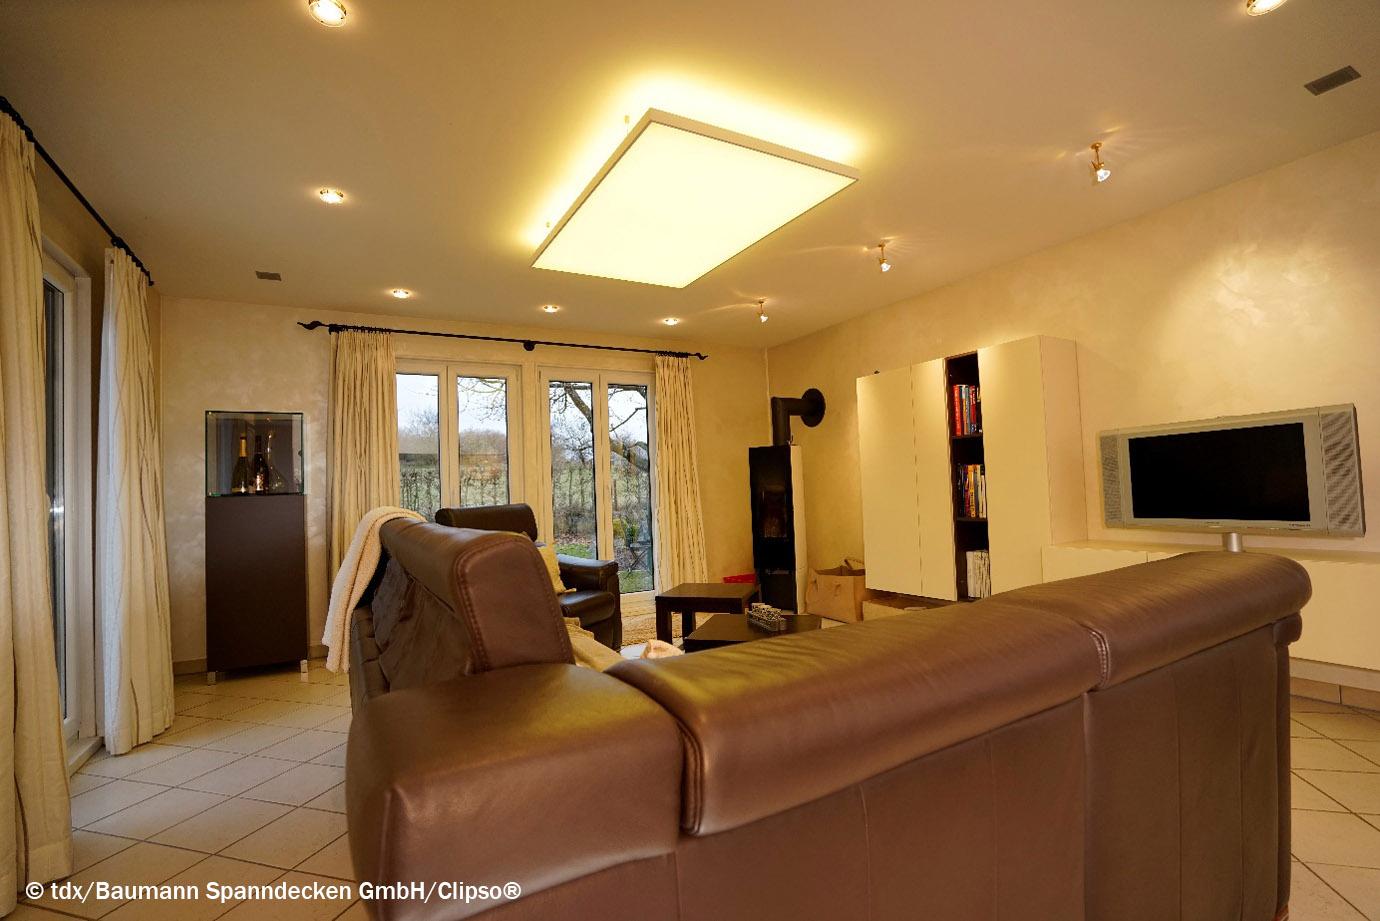 Schallschutz und tolles licht mit spanndecken smart wohnen - Schall reduzieren wohnzimmer ...